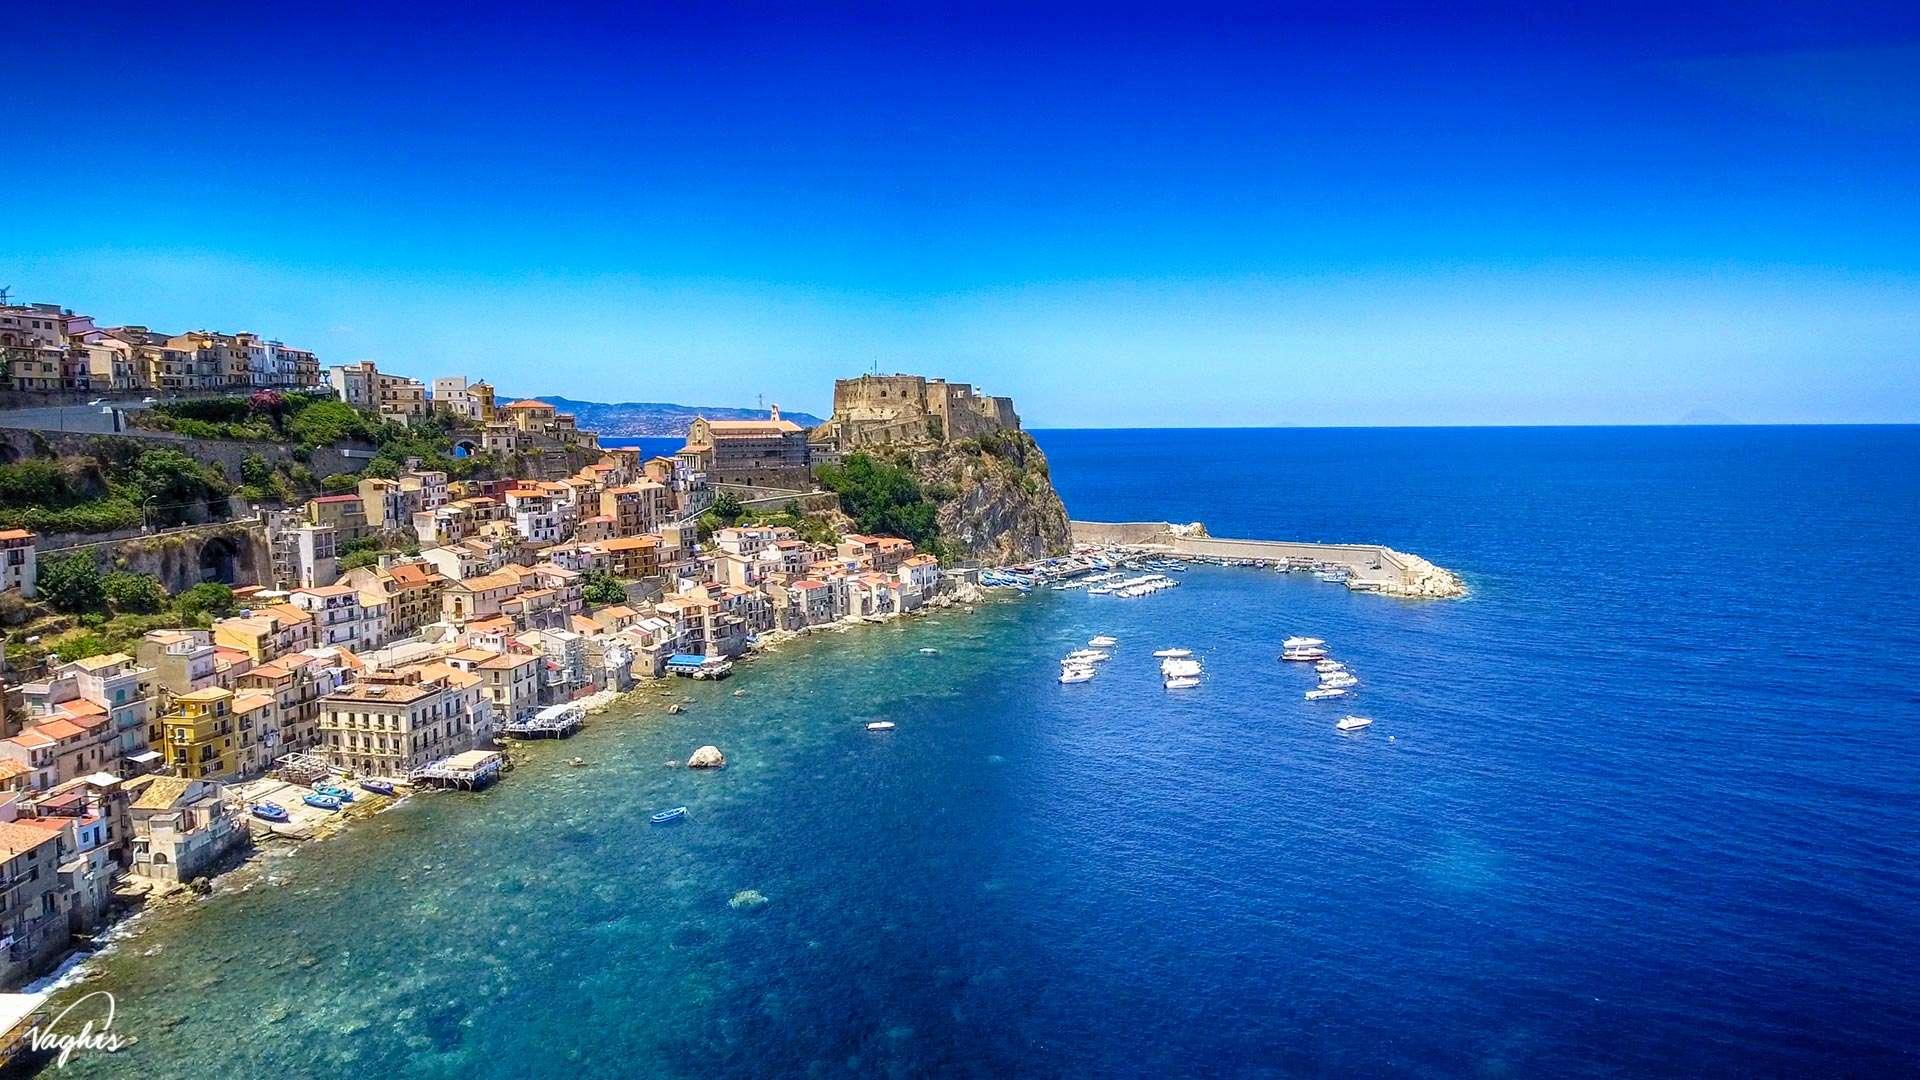 Canalea di Scilla - © Vaghis - Viaggi & turismo Italia - Tutti i diritti riservati